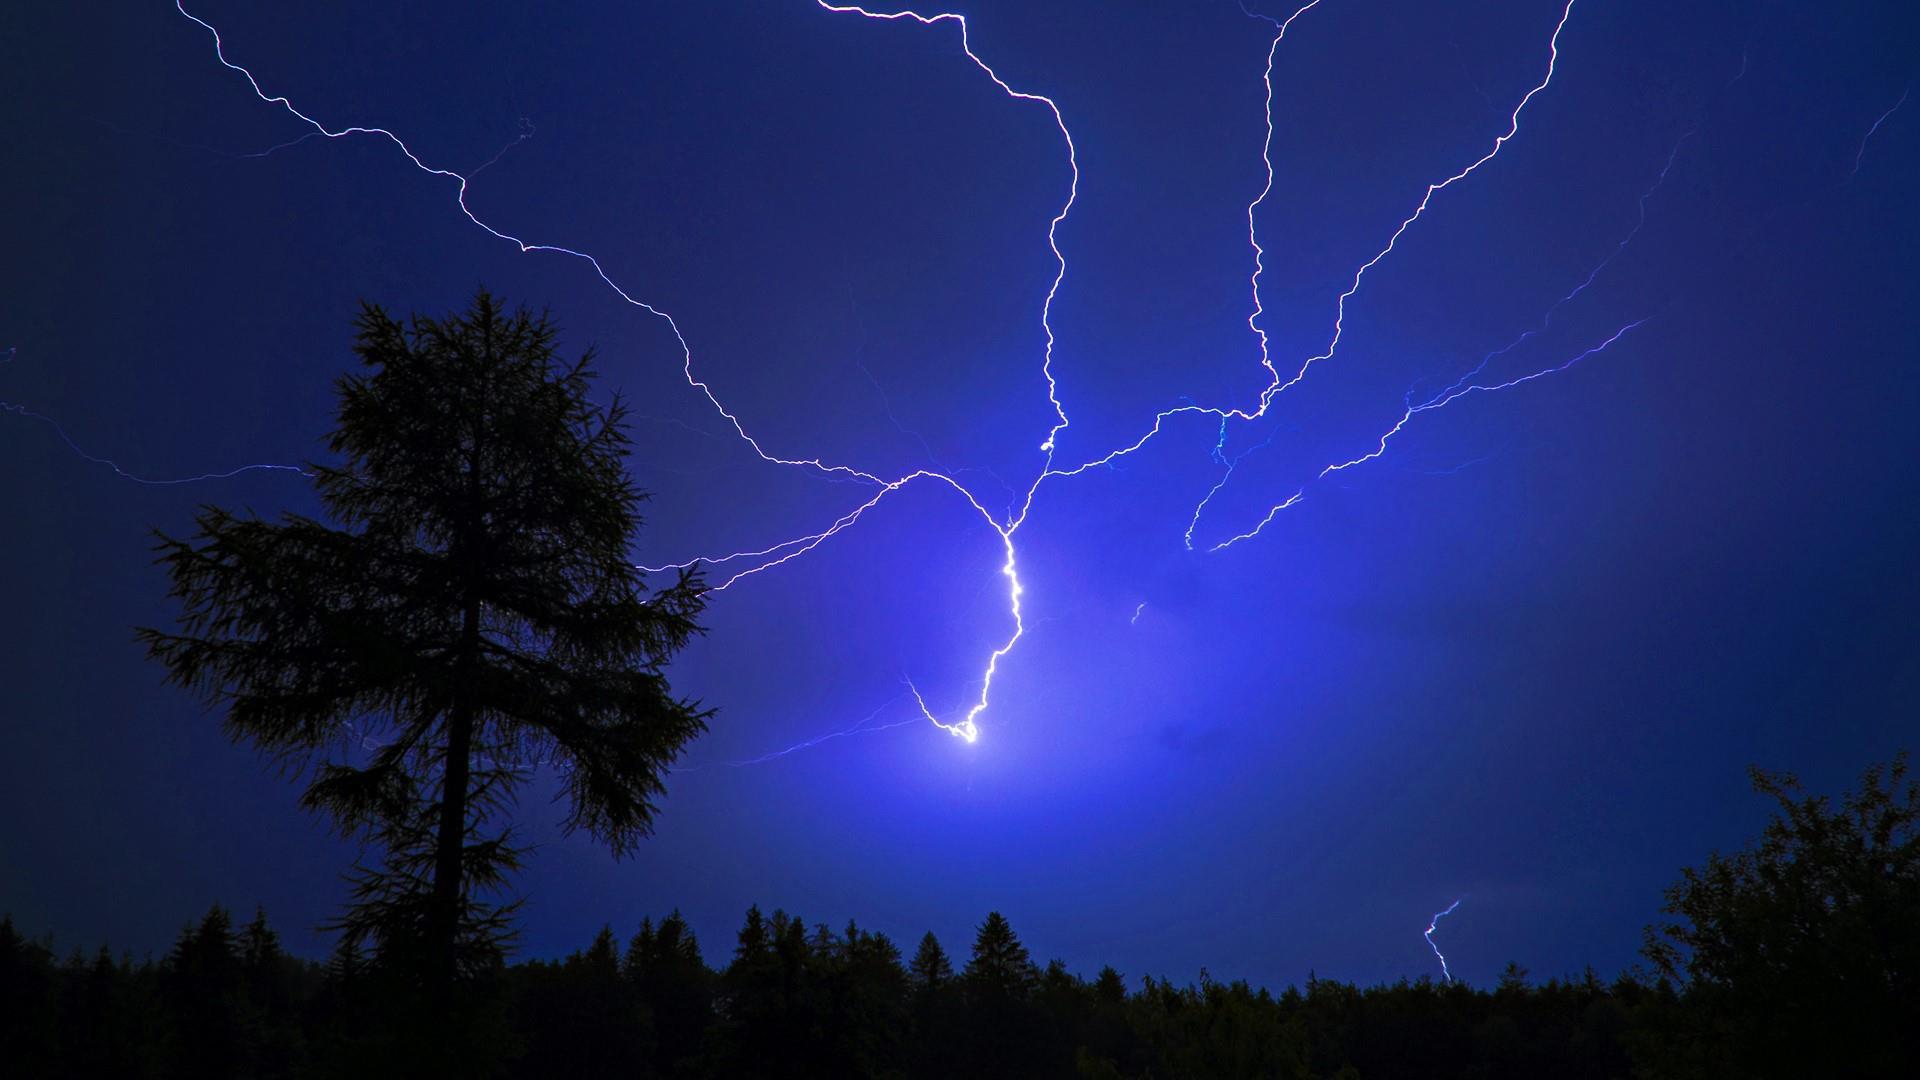 Thunderstorm at night wallpaper